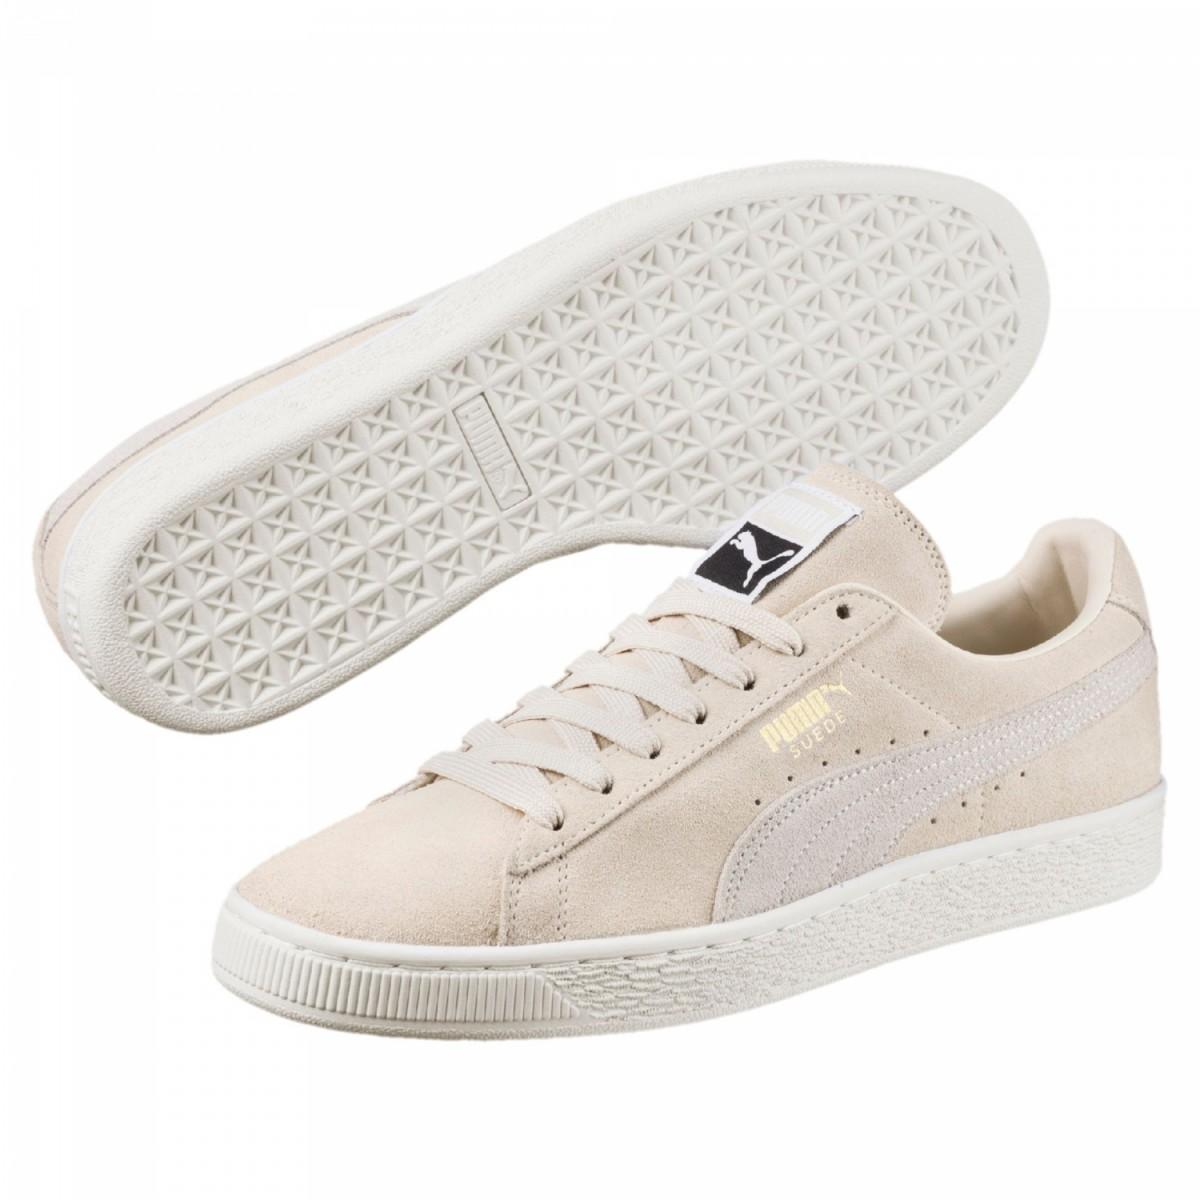 Puma Suede Classic Sneaker Herren Schuhe birch